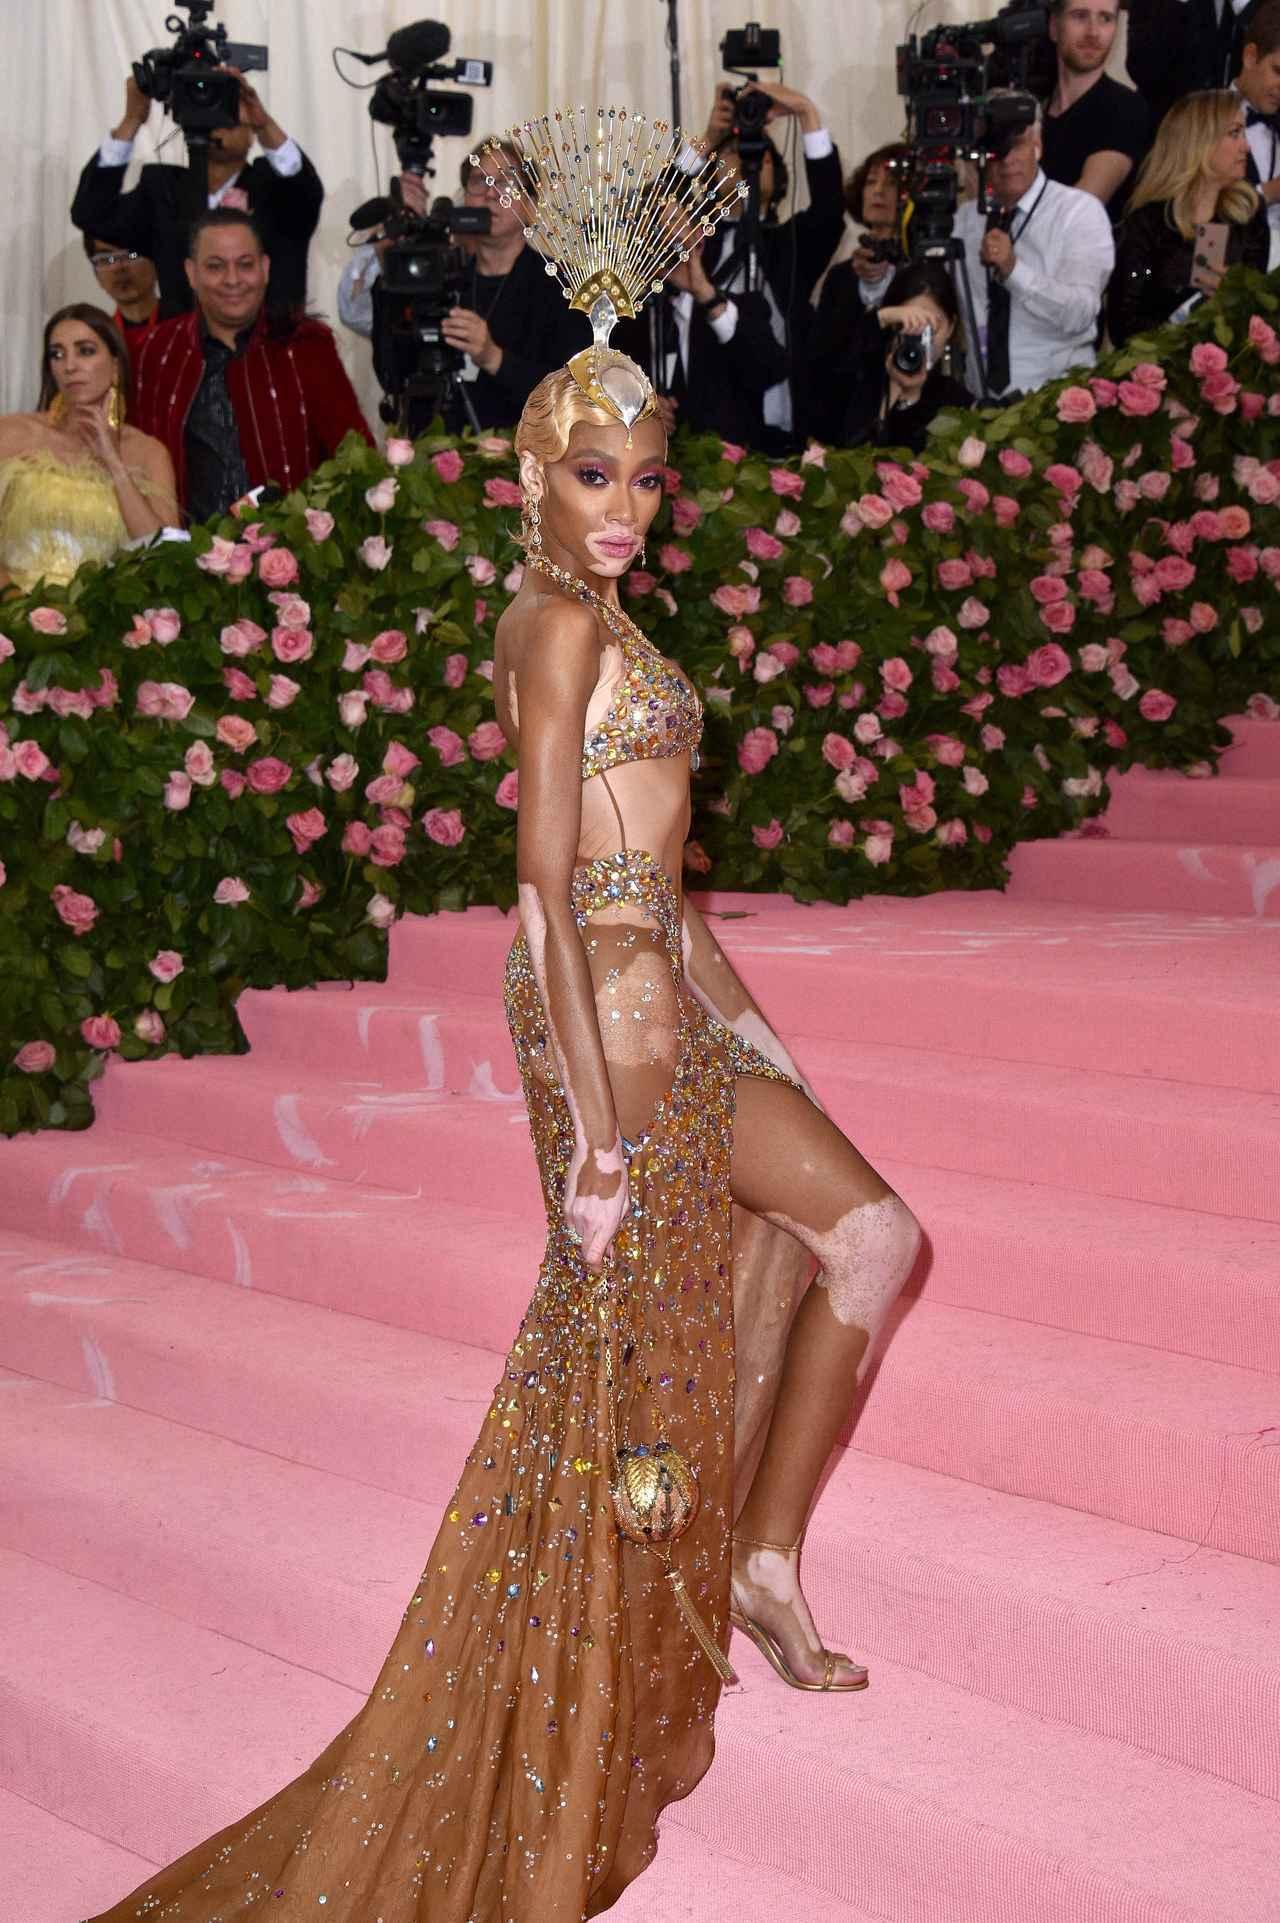 d11bb3b9f3547 カラフルなビジューが全体にあしらわれた、肌の色とマッチするドレスはトミーヒルフィガー(Tommy Hilfiger)のもので、ウィニーのためにデザイン された(フロントロウ ...